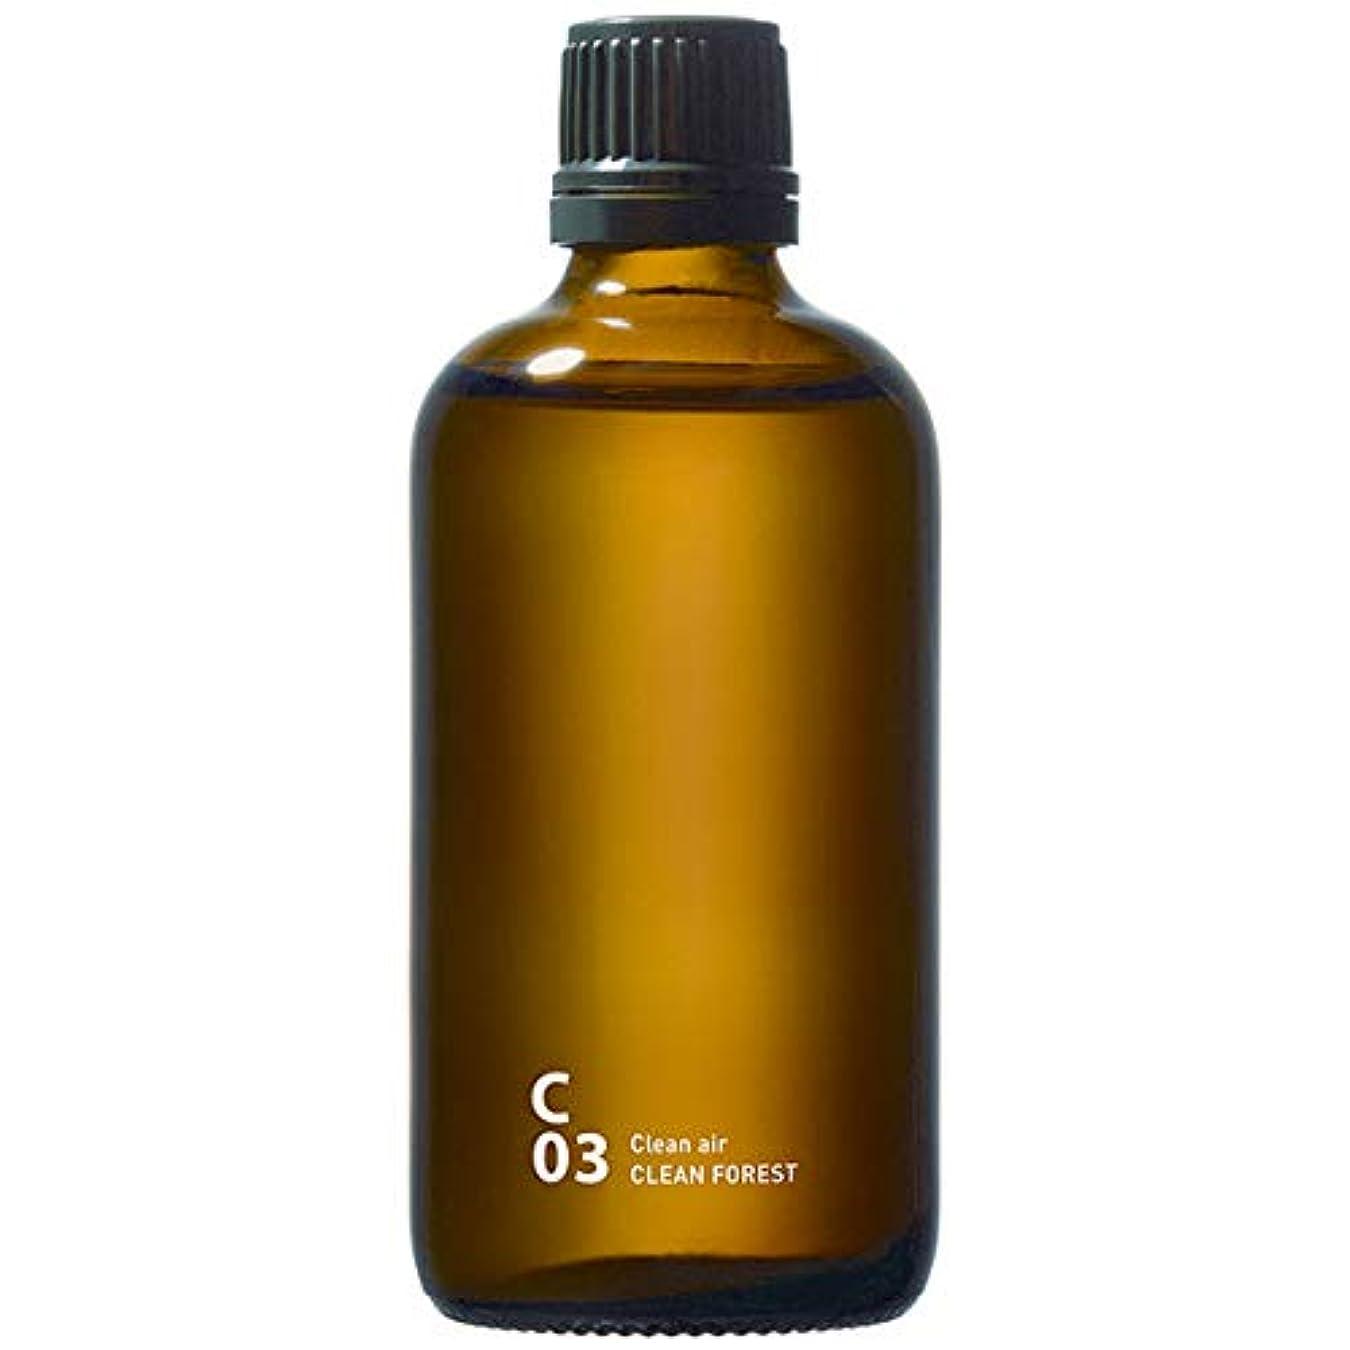 警察署同じ柔らかさC03 CLEAN FOREST piezo aroma oil 100ml